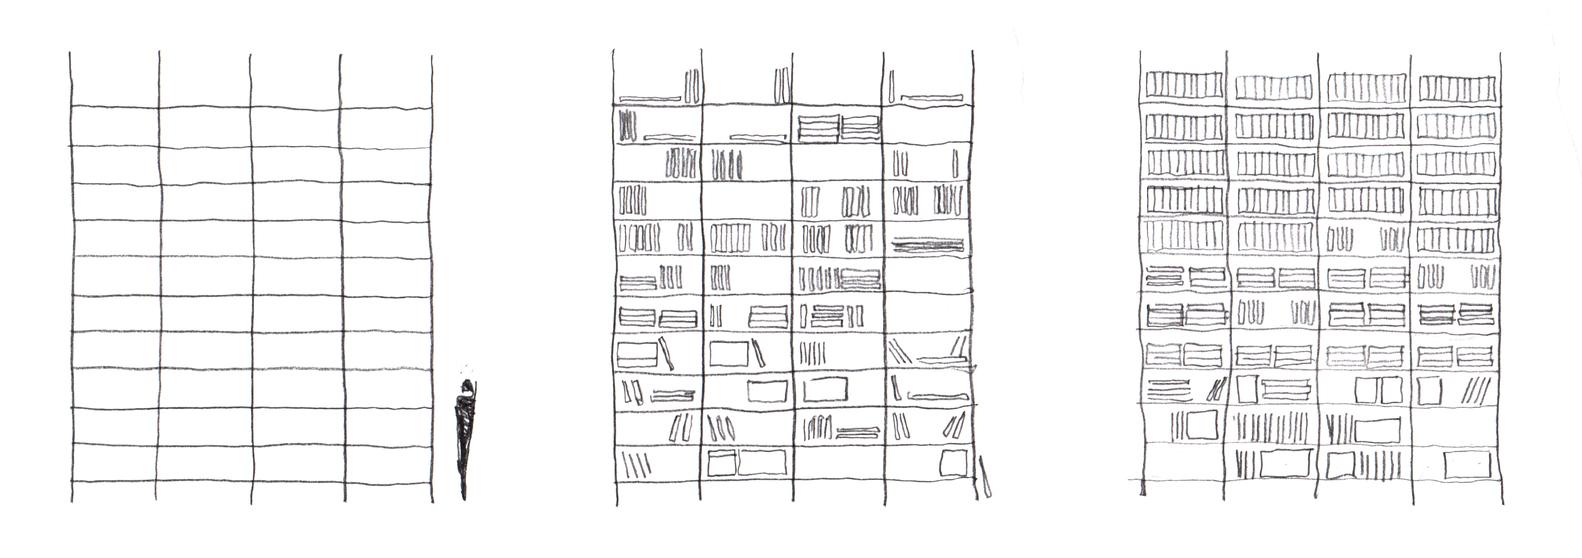 Идея интерьера архивного помещения от Jonathan Tuckey фото 15